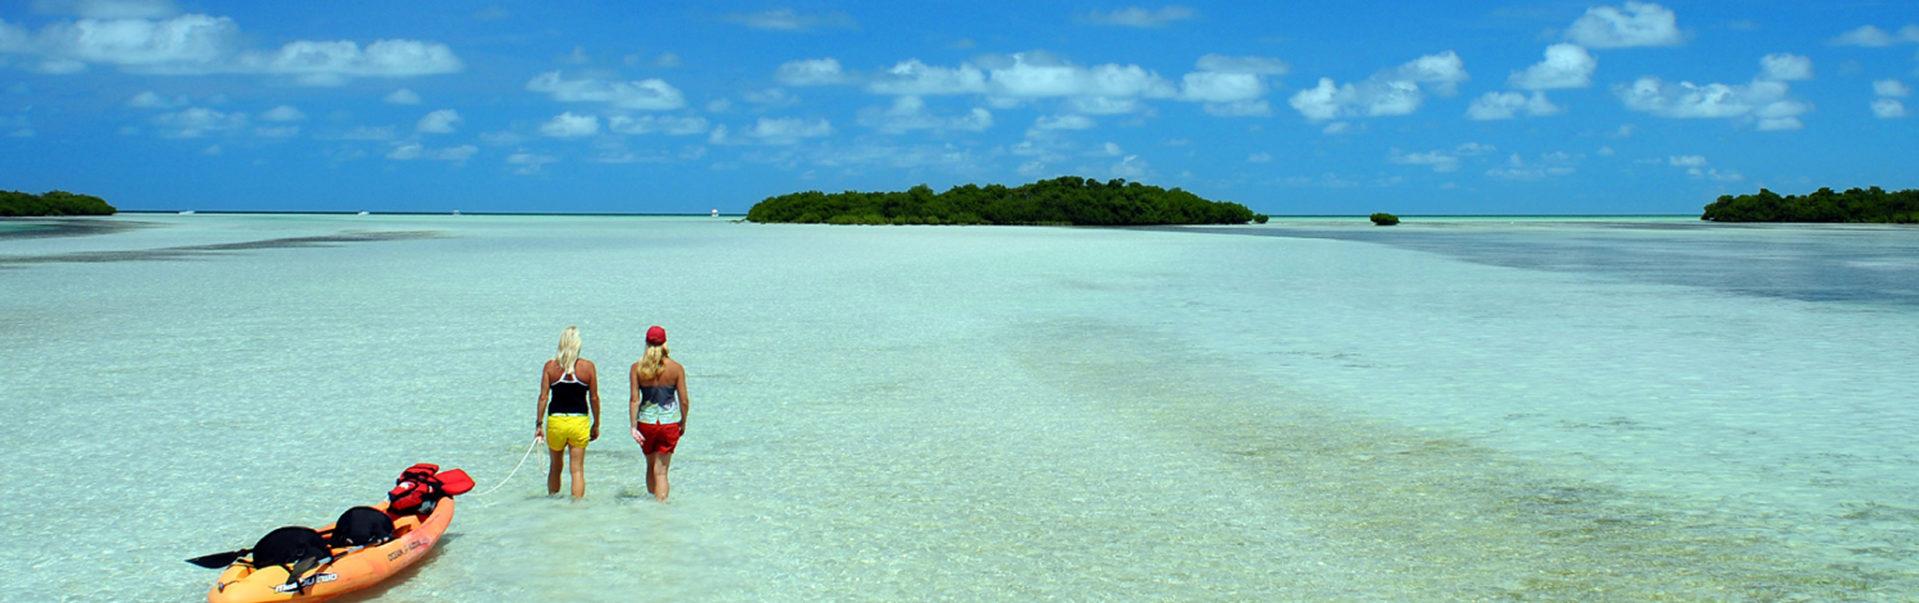 Florida: Je droomreis begint hier!